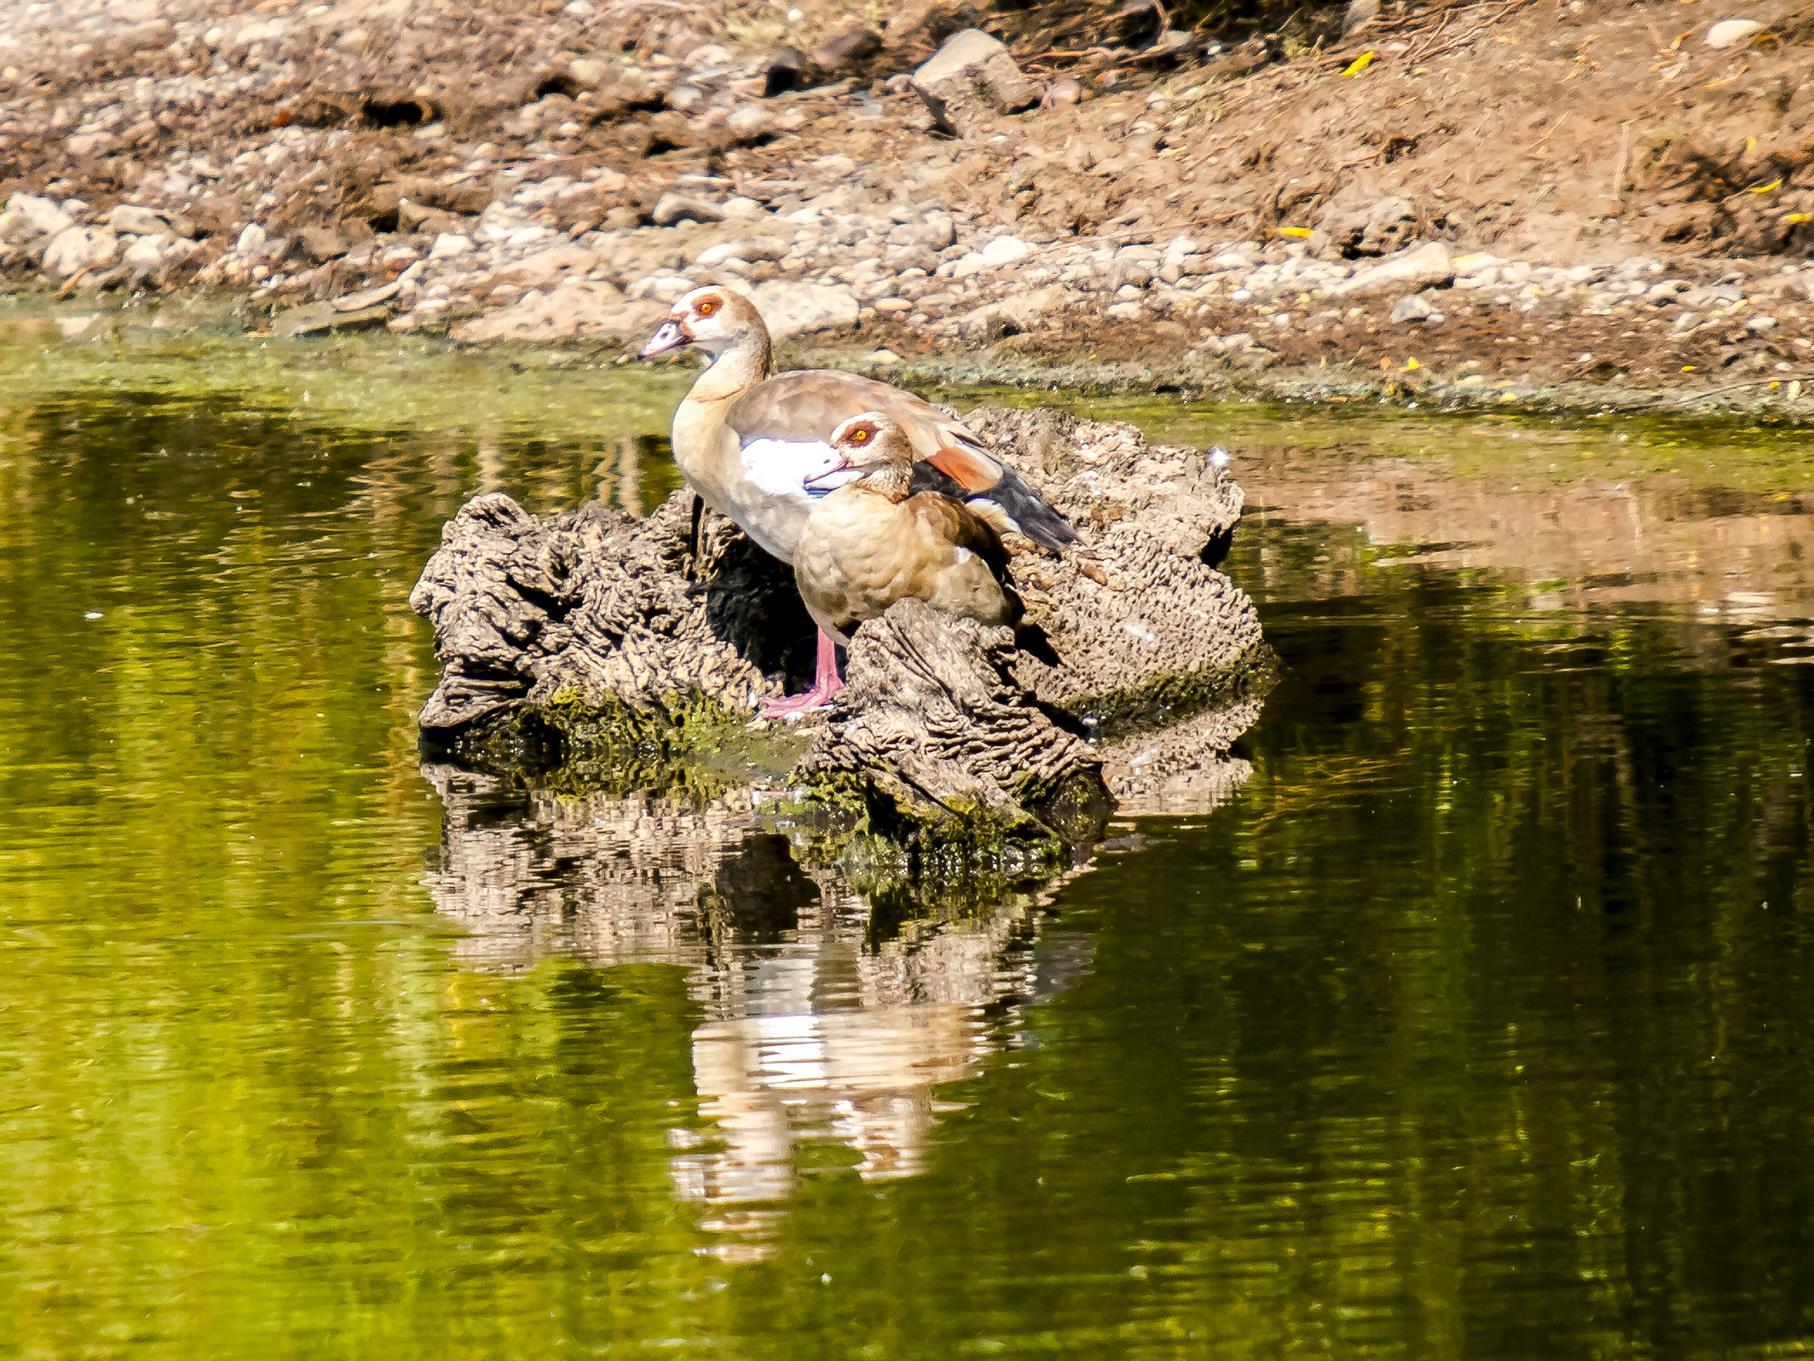 Die beiden Nilgänse haben im Wasser ein trockenes Plätzchen gefunden.